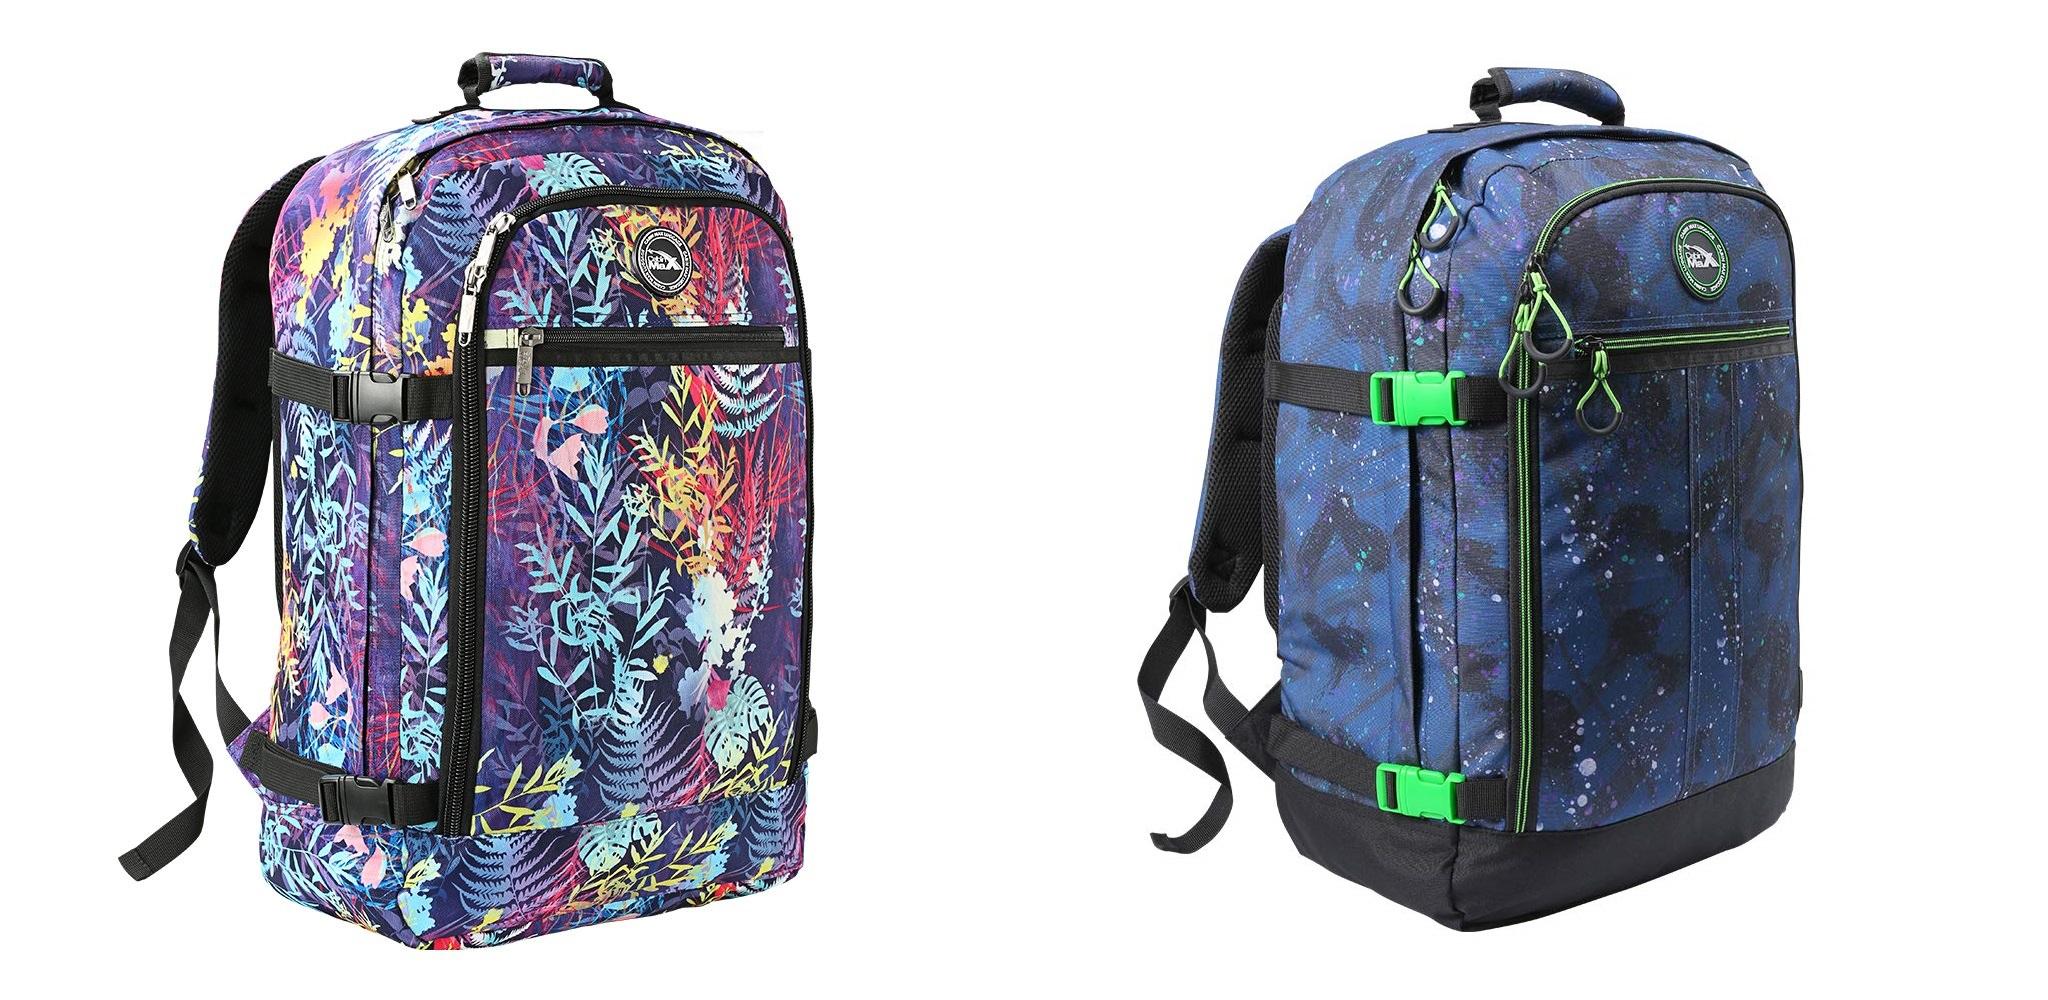 Come preparare la valigia perfetta per il prossimo viaggio, portando con sé solo l'essenziale.